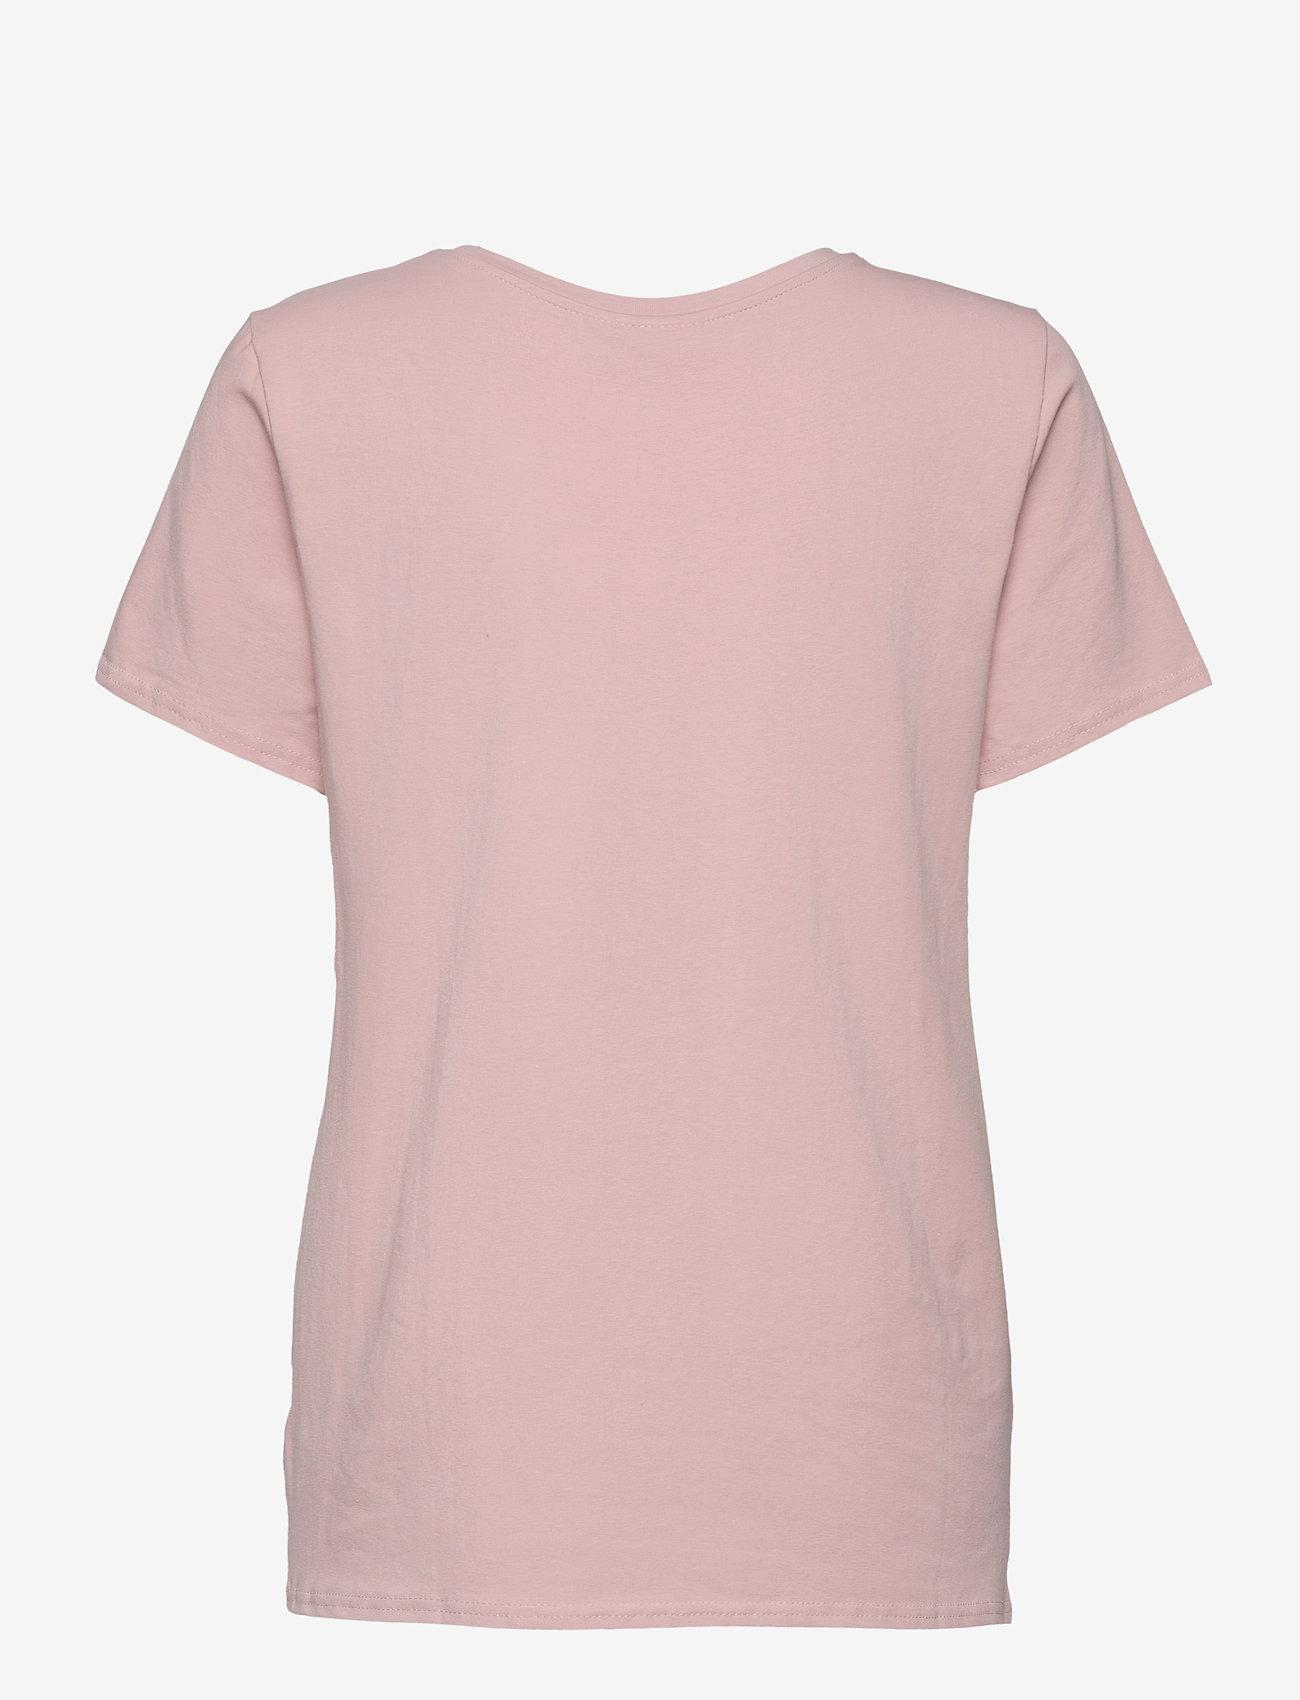 FREE/QUENT - FQNOLA-TEE - t-shirts - pale mauve mix - 1